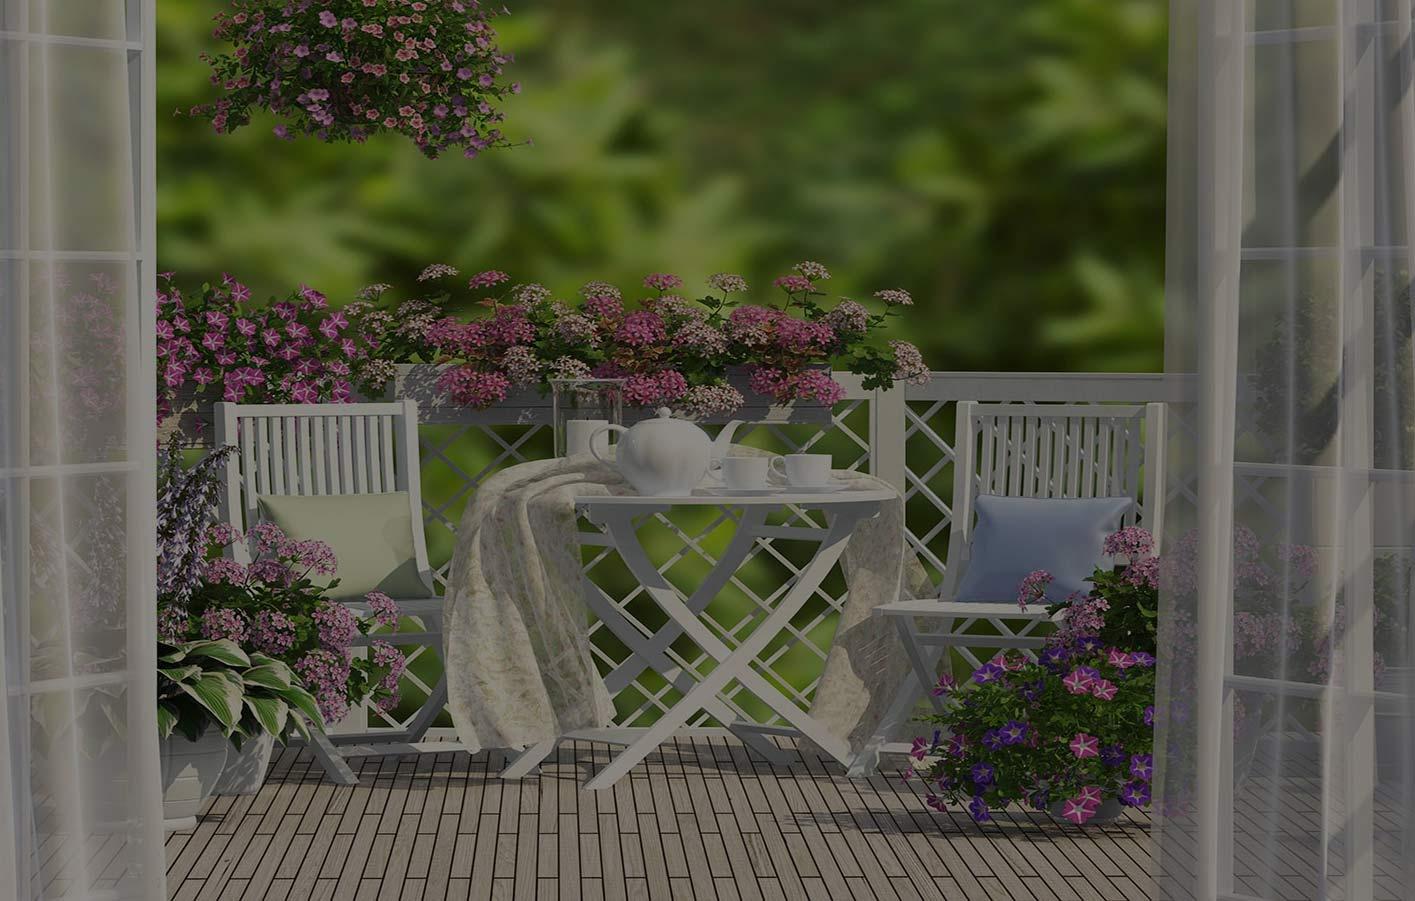 wpc terrasse erfahrung wpc terrasse erfahrung eine terrasse mit wpc terrassen terrassenbelag. Black Bedroom Furniture Sets. Home Design Ideas